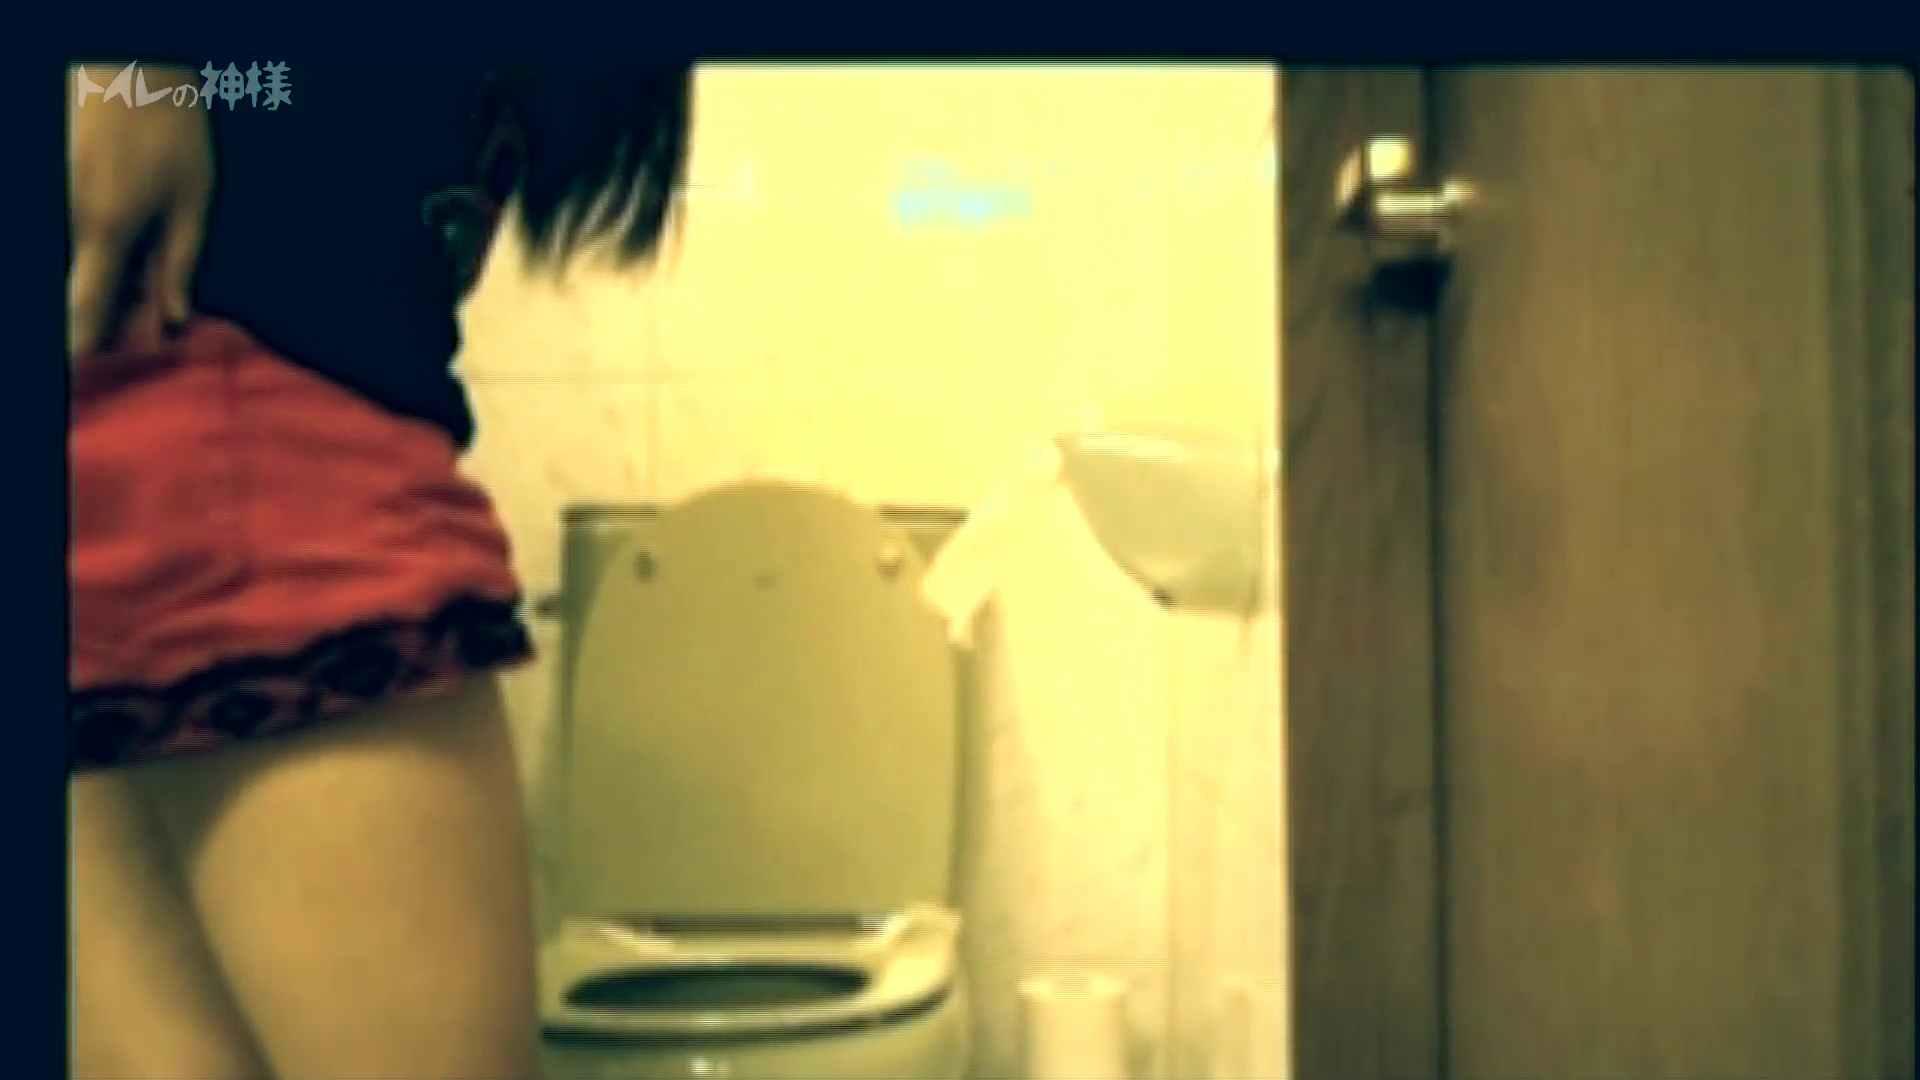 トイレの神様 Vol.01 花の女子大生うんこ盗撮1 女性トイレ オメコ無修正動画無料 96pic 39